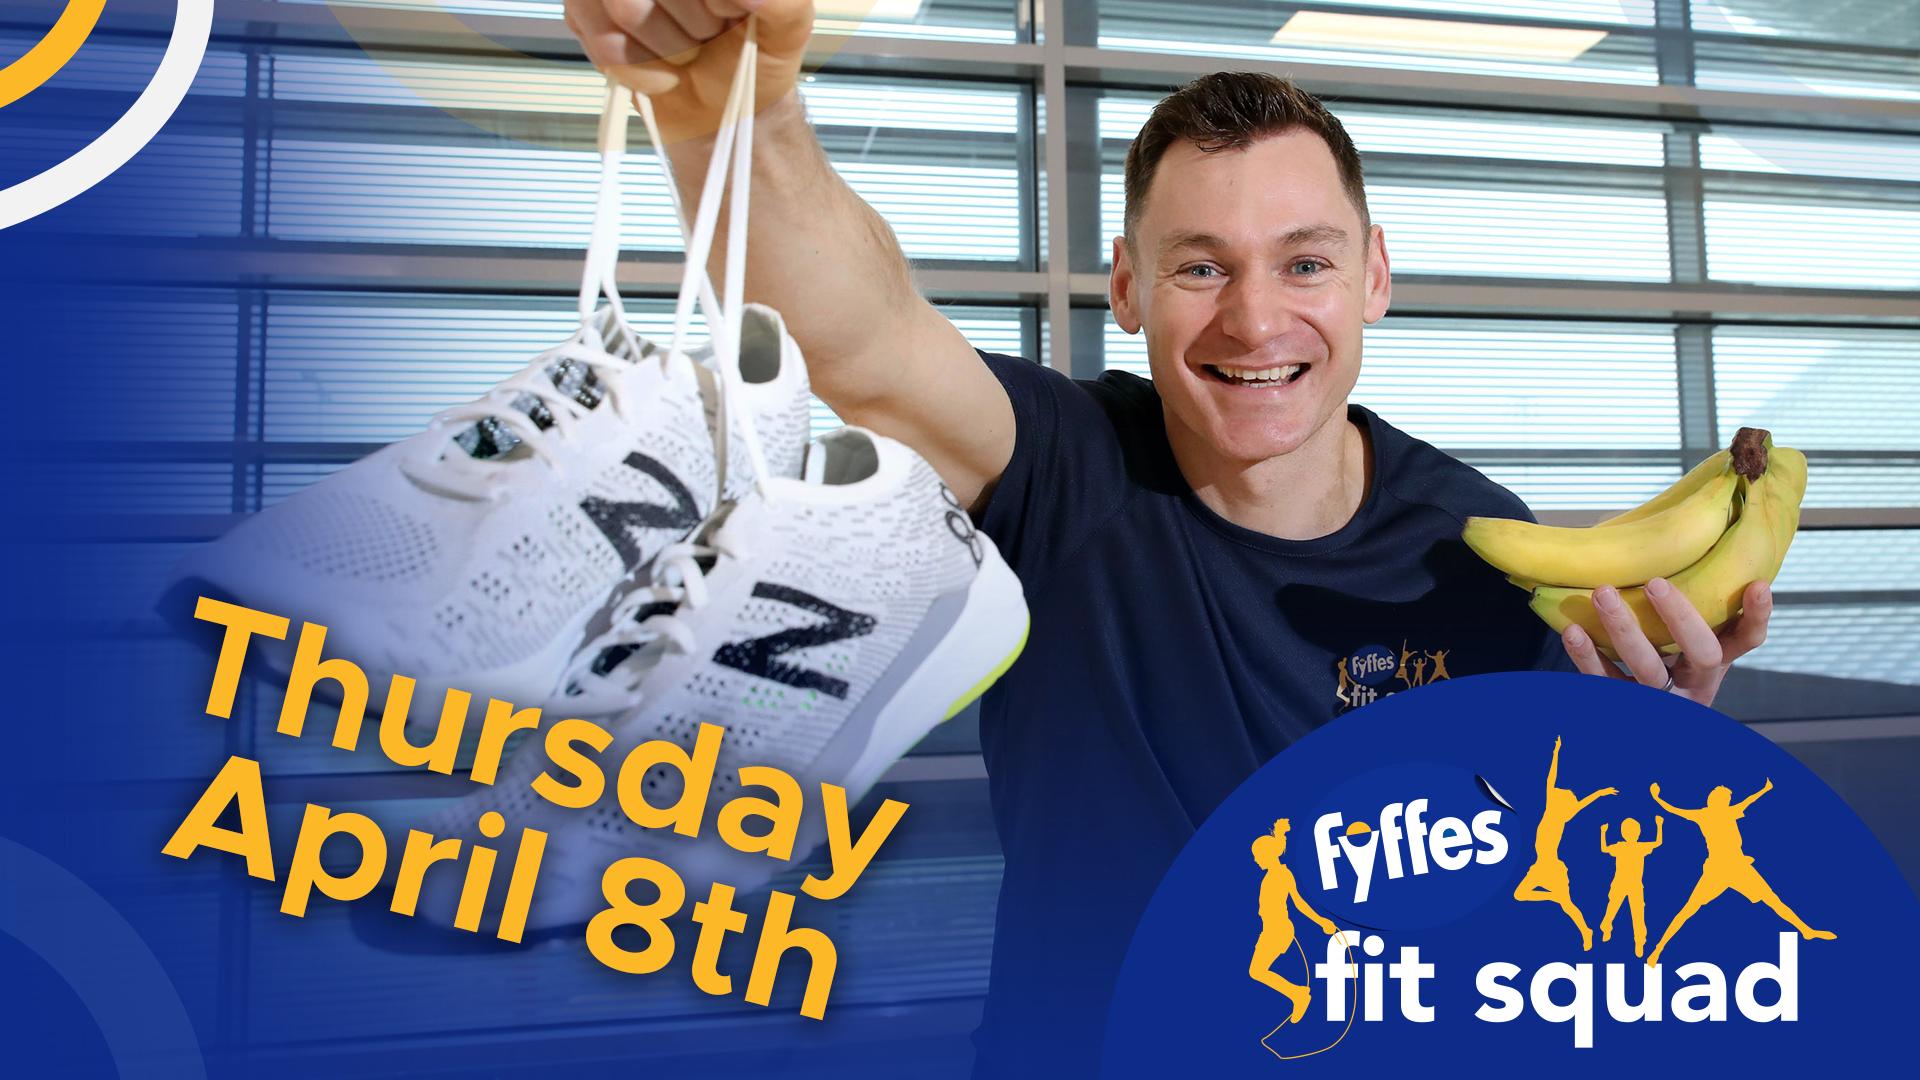 Fyffes Fit Squad Week 3 | Thursday, April 8th 2021